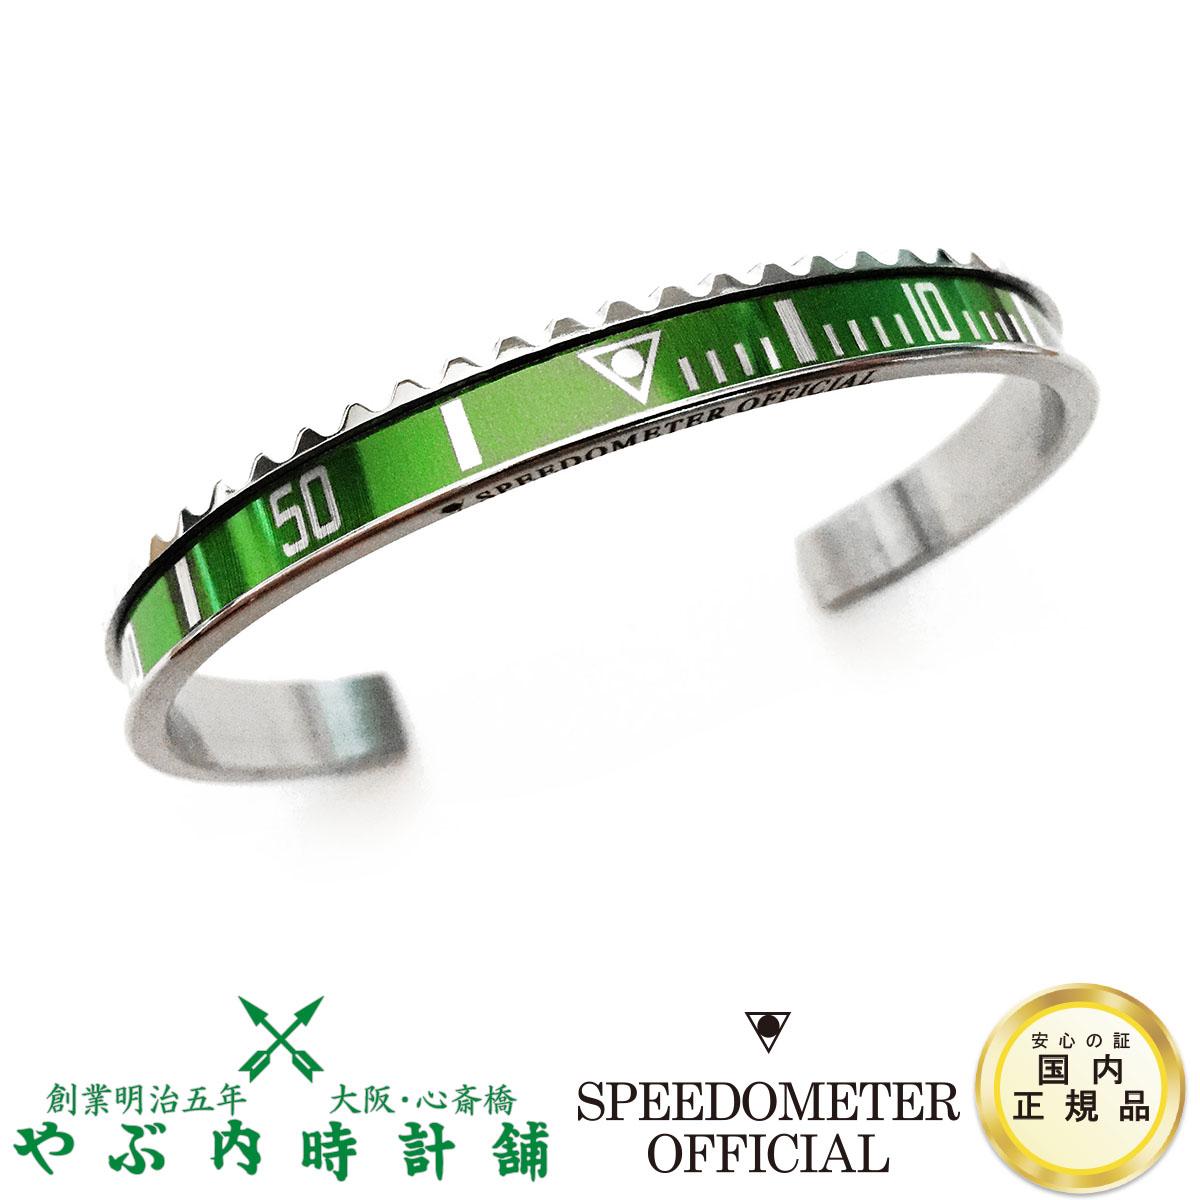 スピードメーターオフィシャル 【正規輸入品】 Speedometer Official ダイバー グリーン SS SBR1066 ベゼル バングル ブレスレット